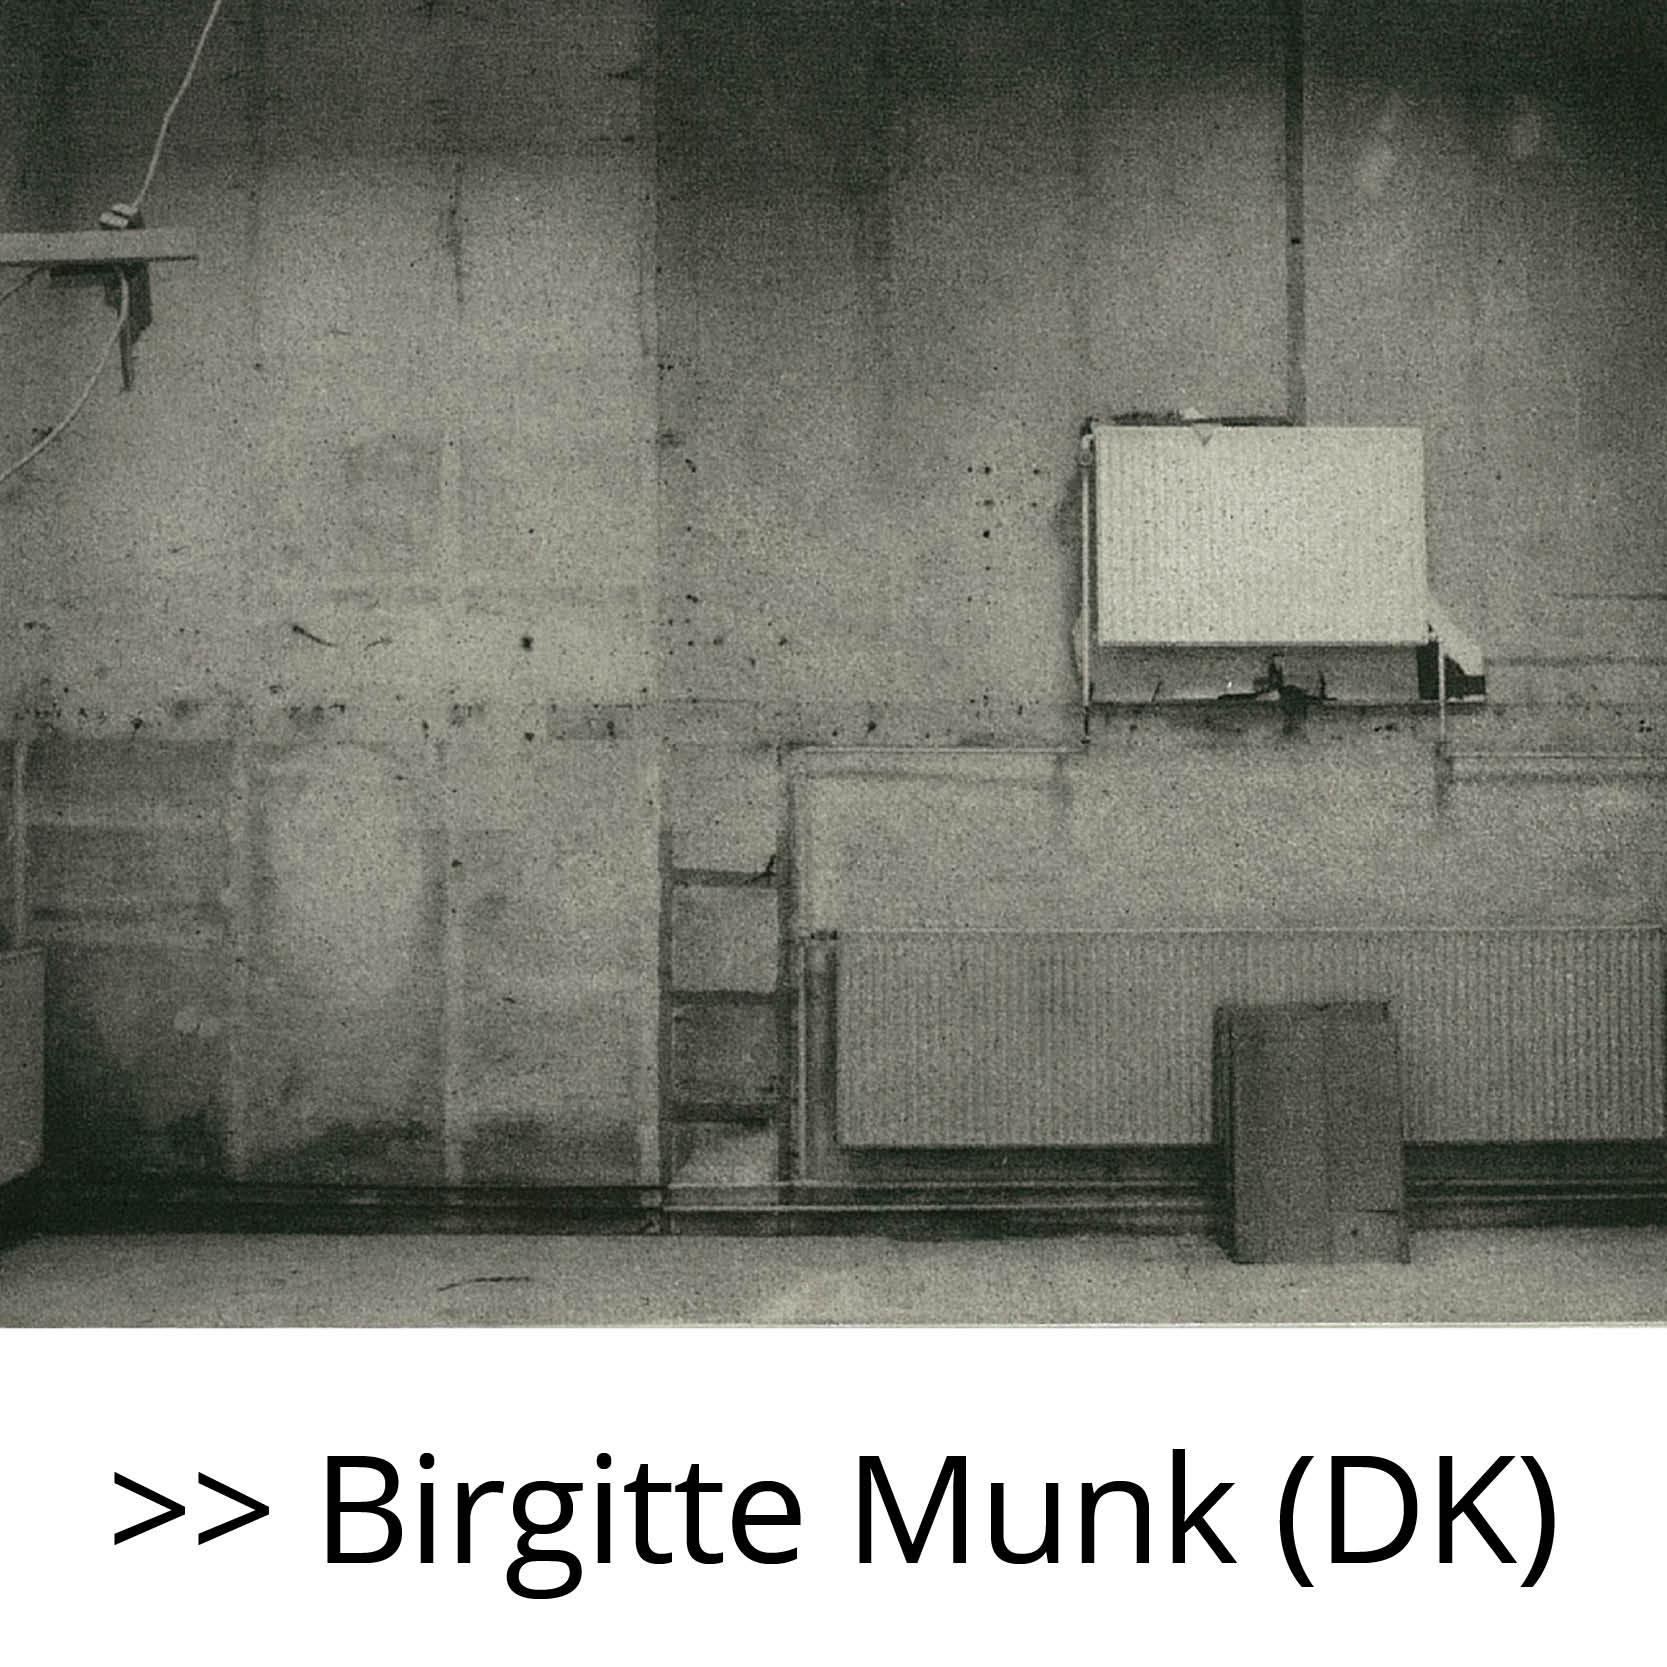 Birgitte_Munk_(DK)